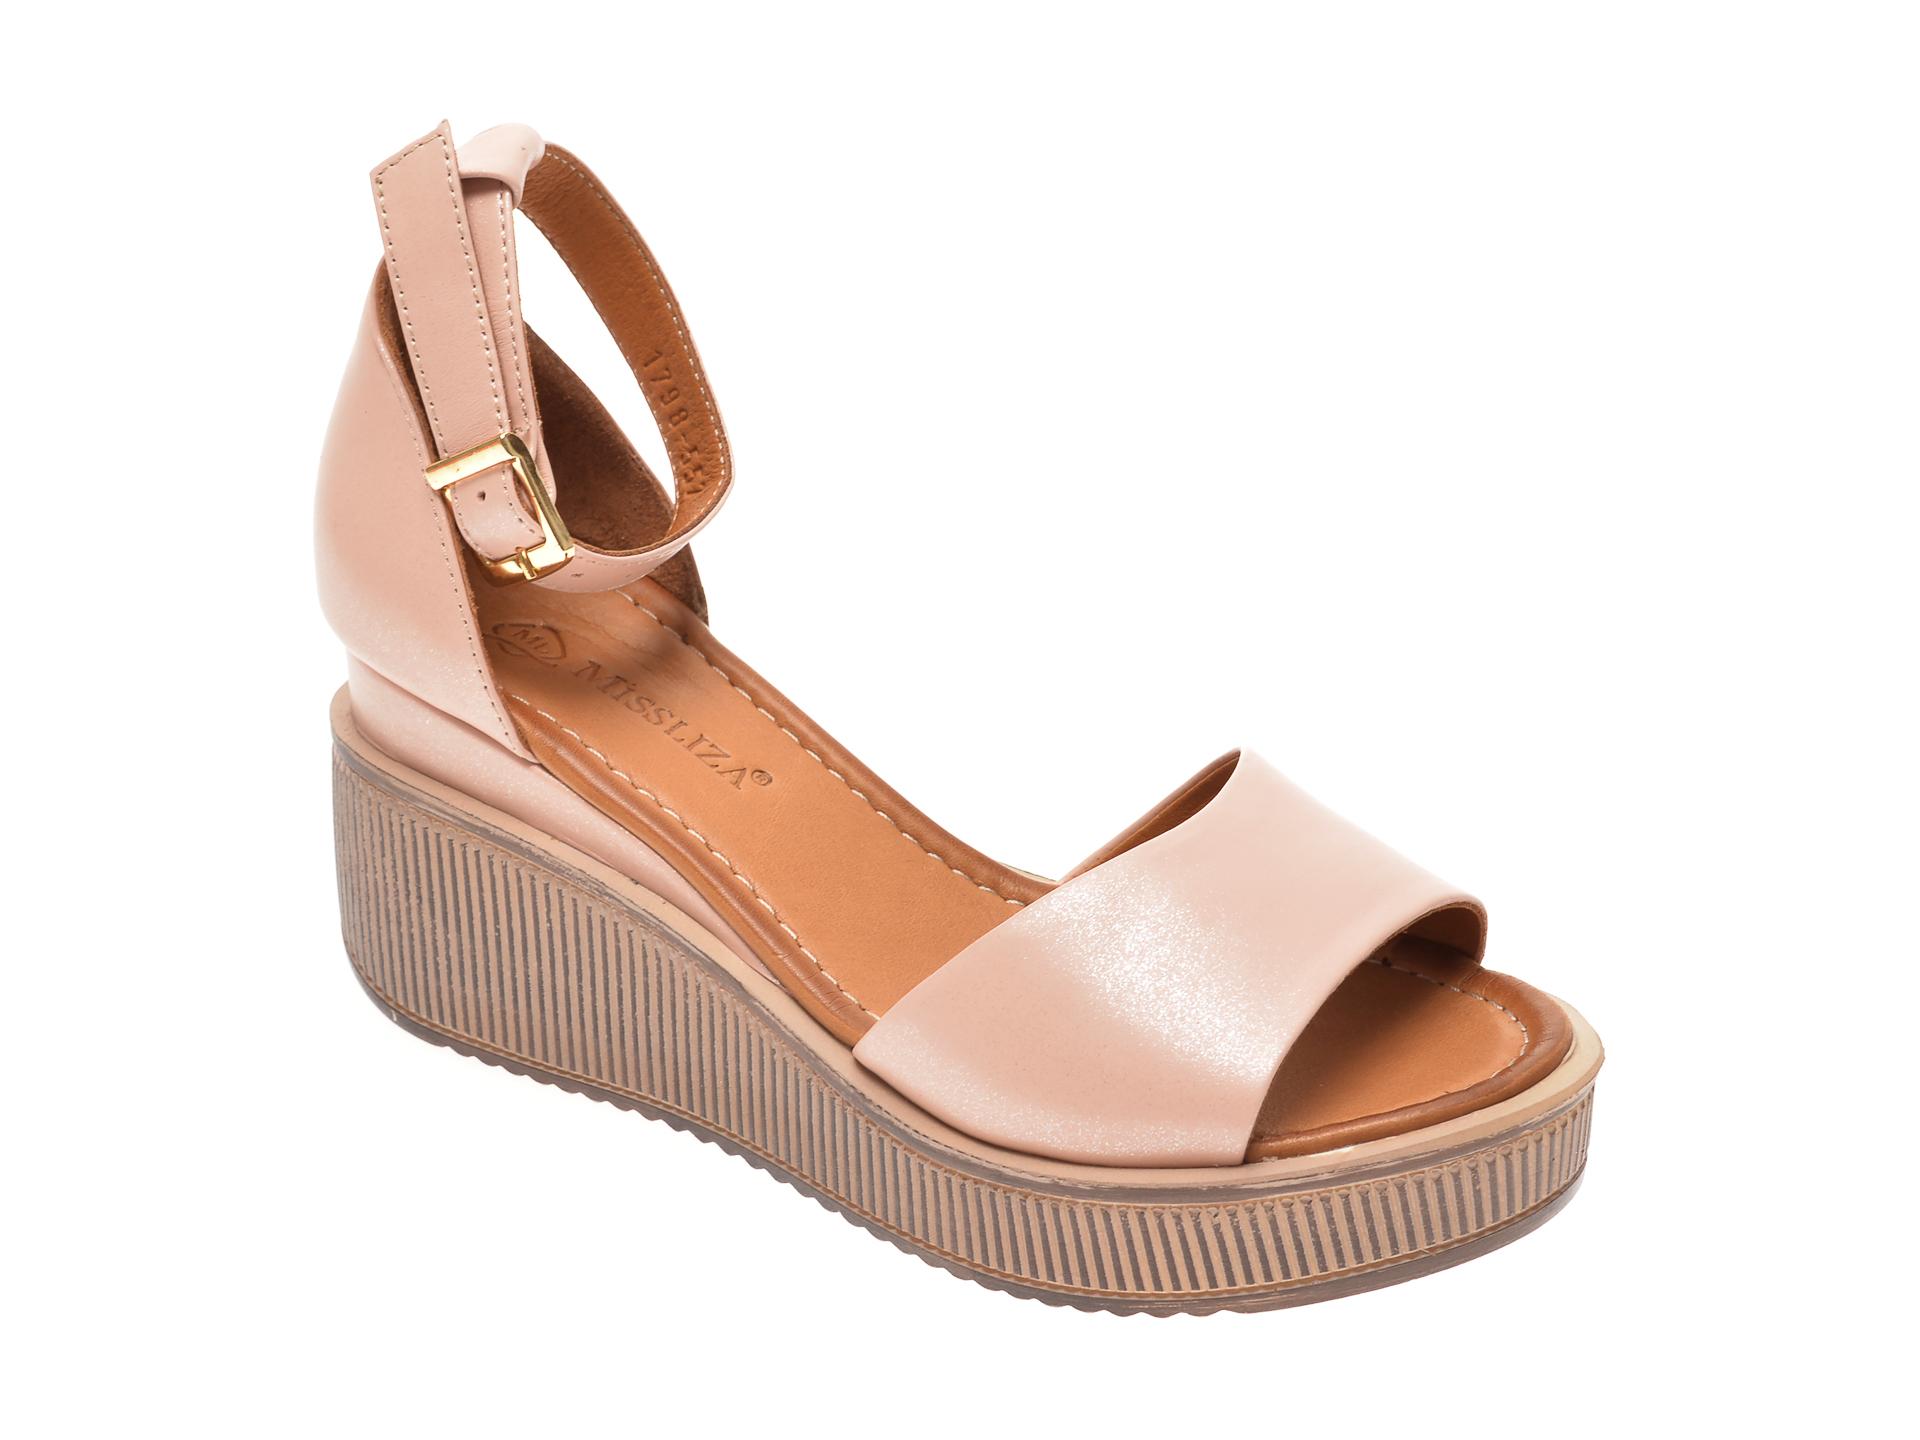 Sandale MISS LIZA nude, 1181798, din piele naturala